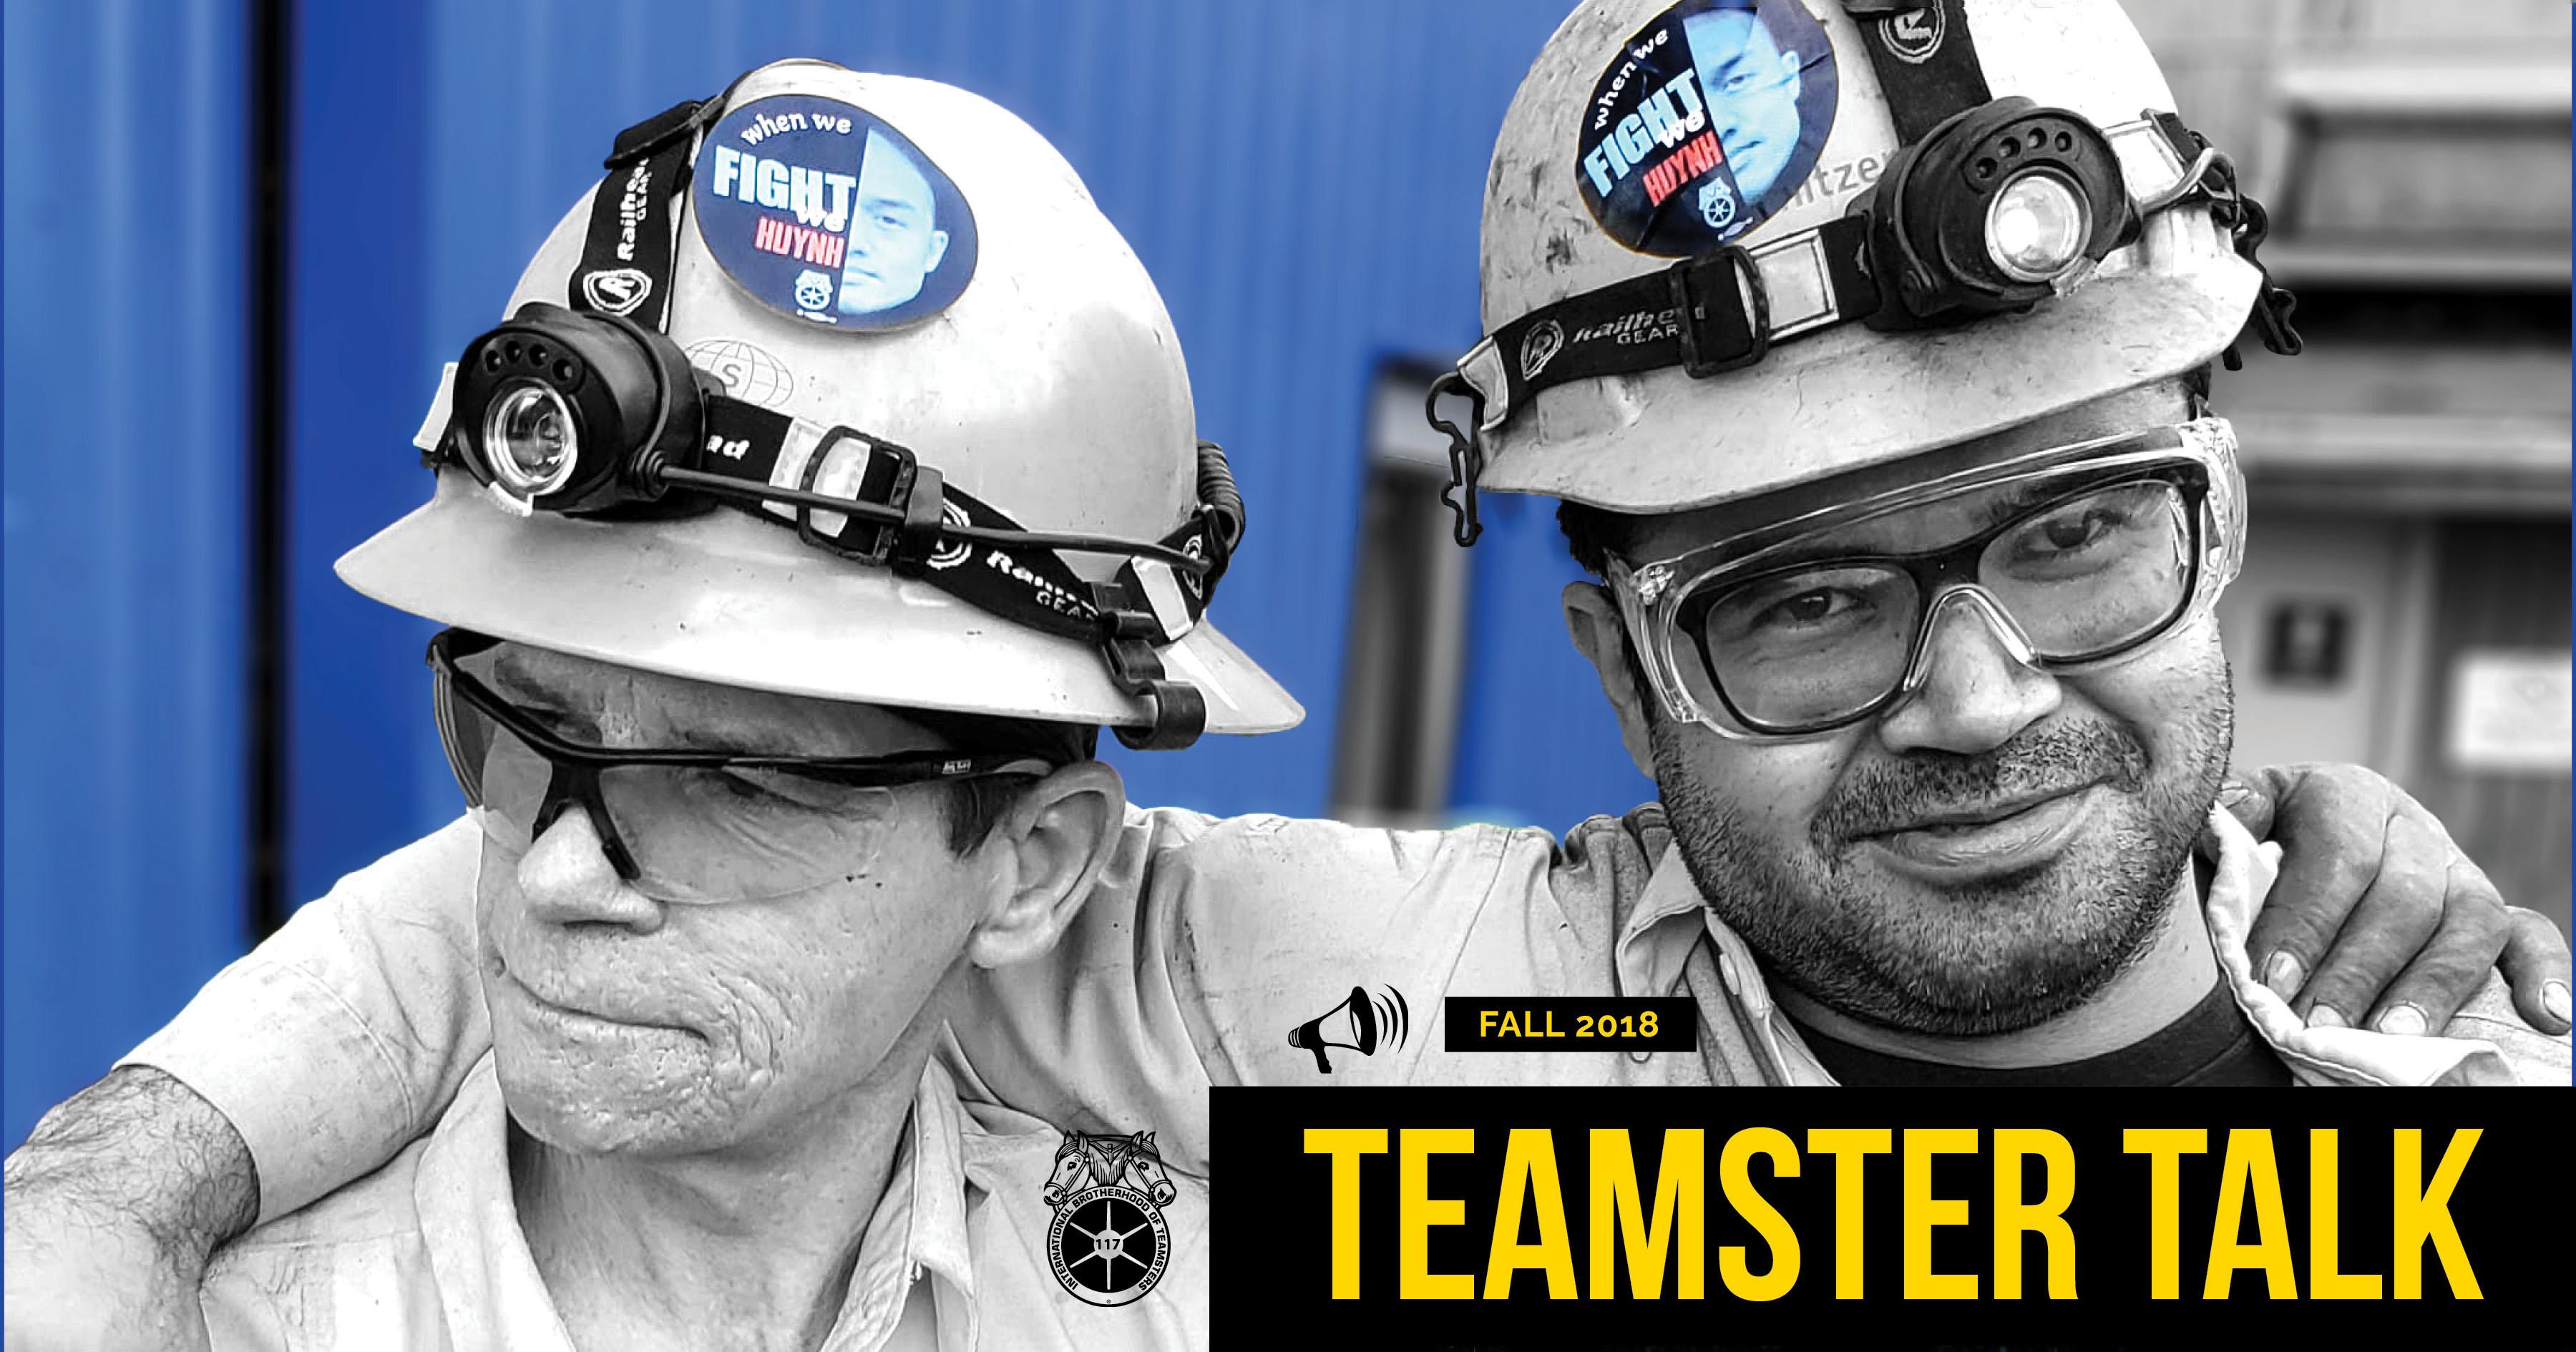 Teamster Talk image